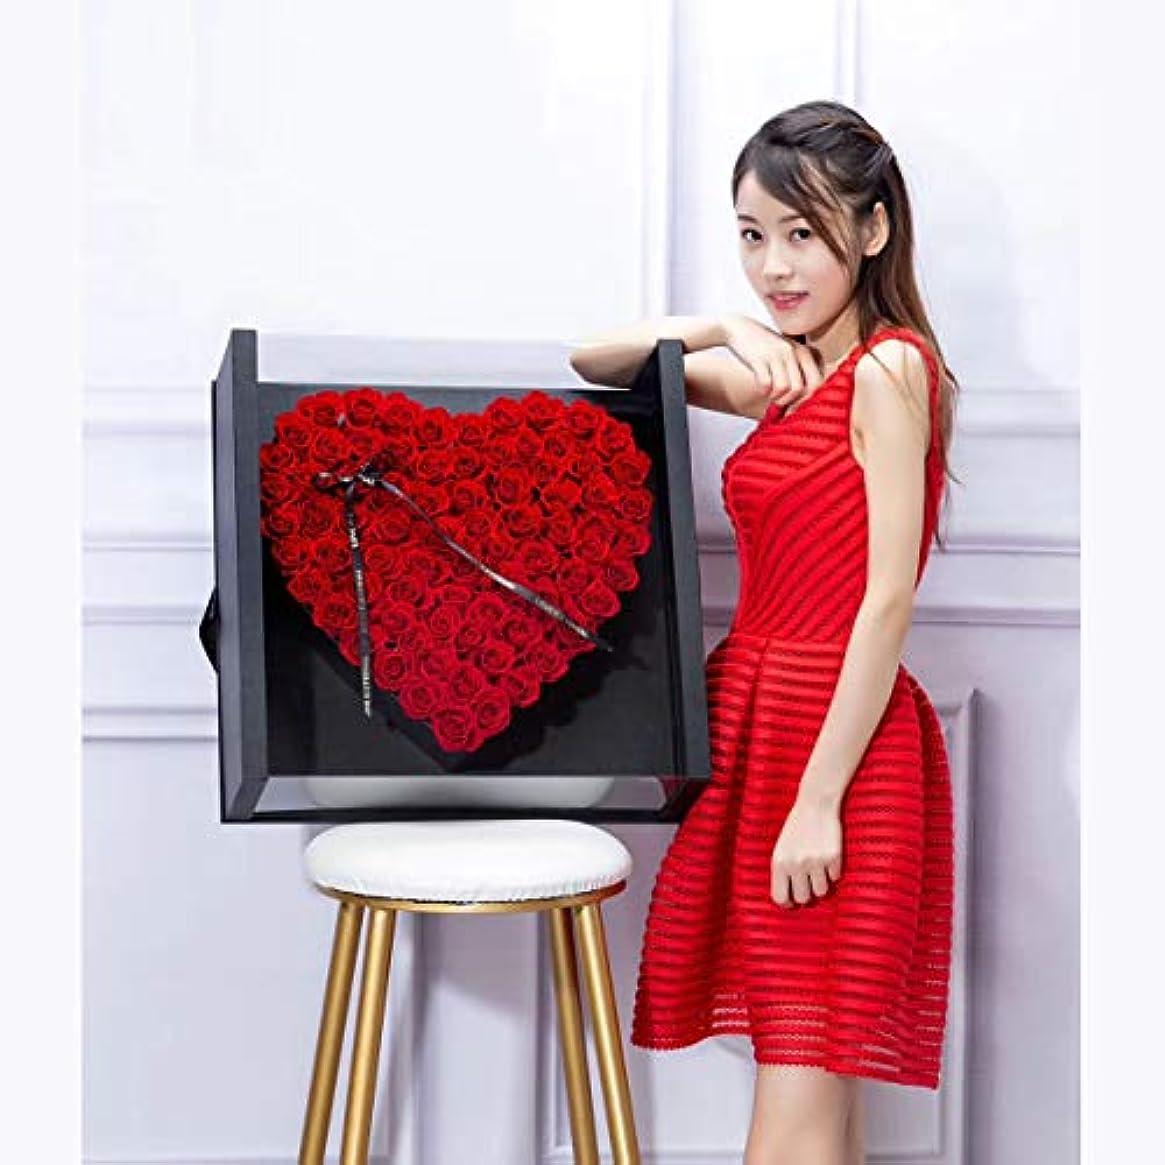 ヒュームぞっとするような超高層ビルローズボックス - - 手作りのロングラスティングの花 - ボックスハート型の本当のプリザーブドフラワーバラ彼女の誕生日、記念日、バレンタインデーのための高級ギフトを(レッド),E,mattegold*4